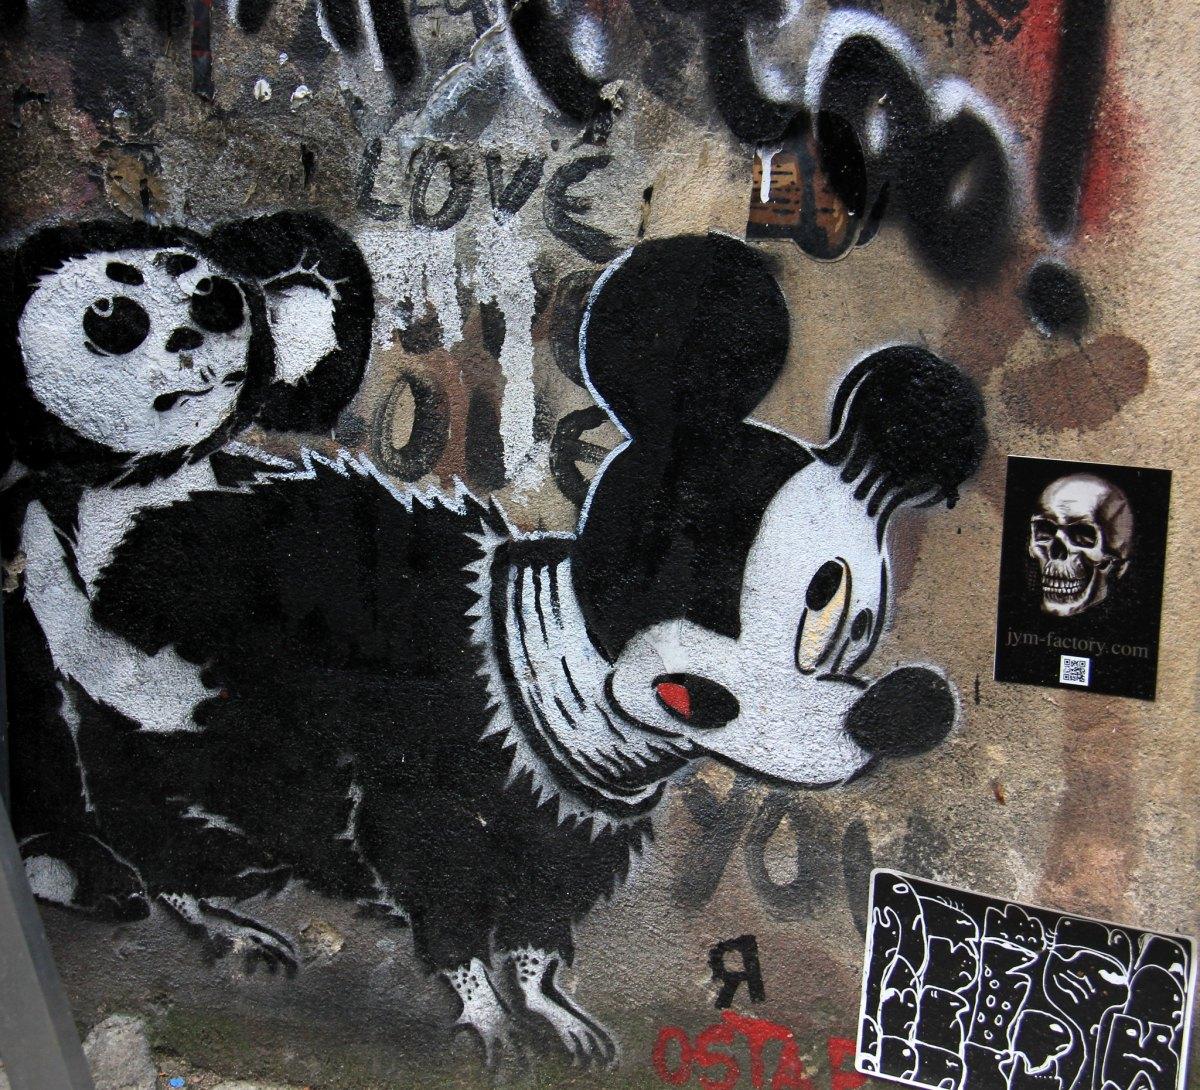 Berlin street art has a very addictive edginess